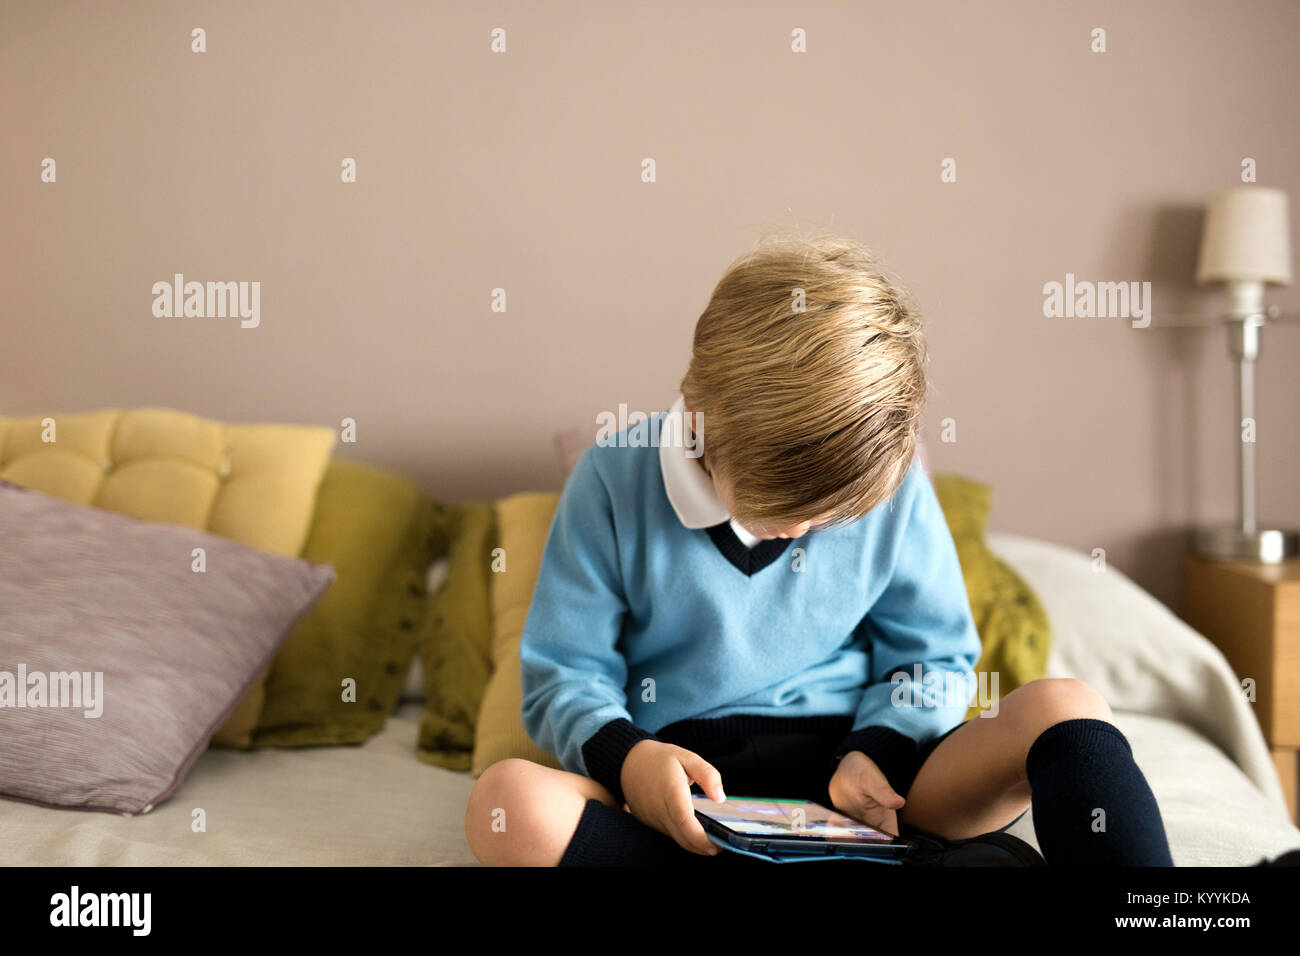 Boy using digital tablet dans la chambre à coucher dans la chambre à coucher Banque D'Images